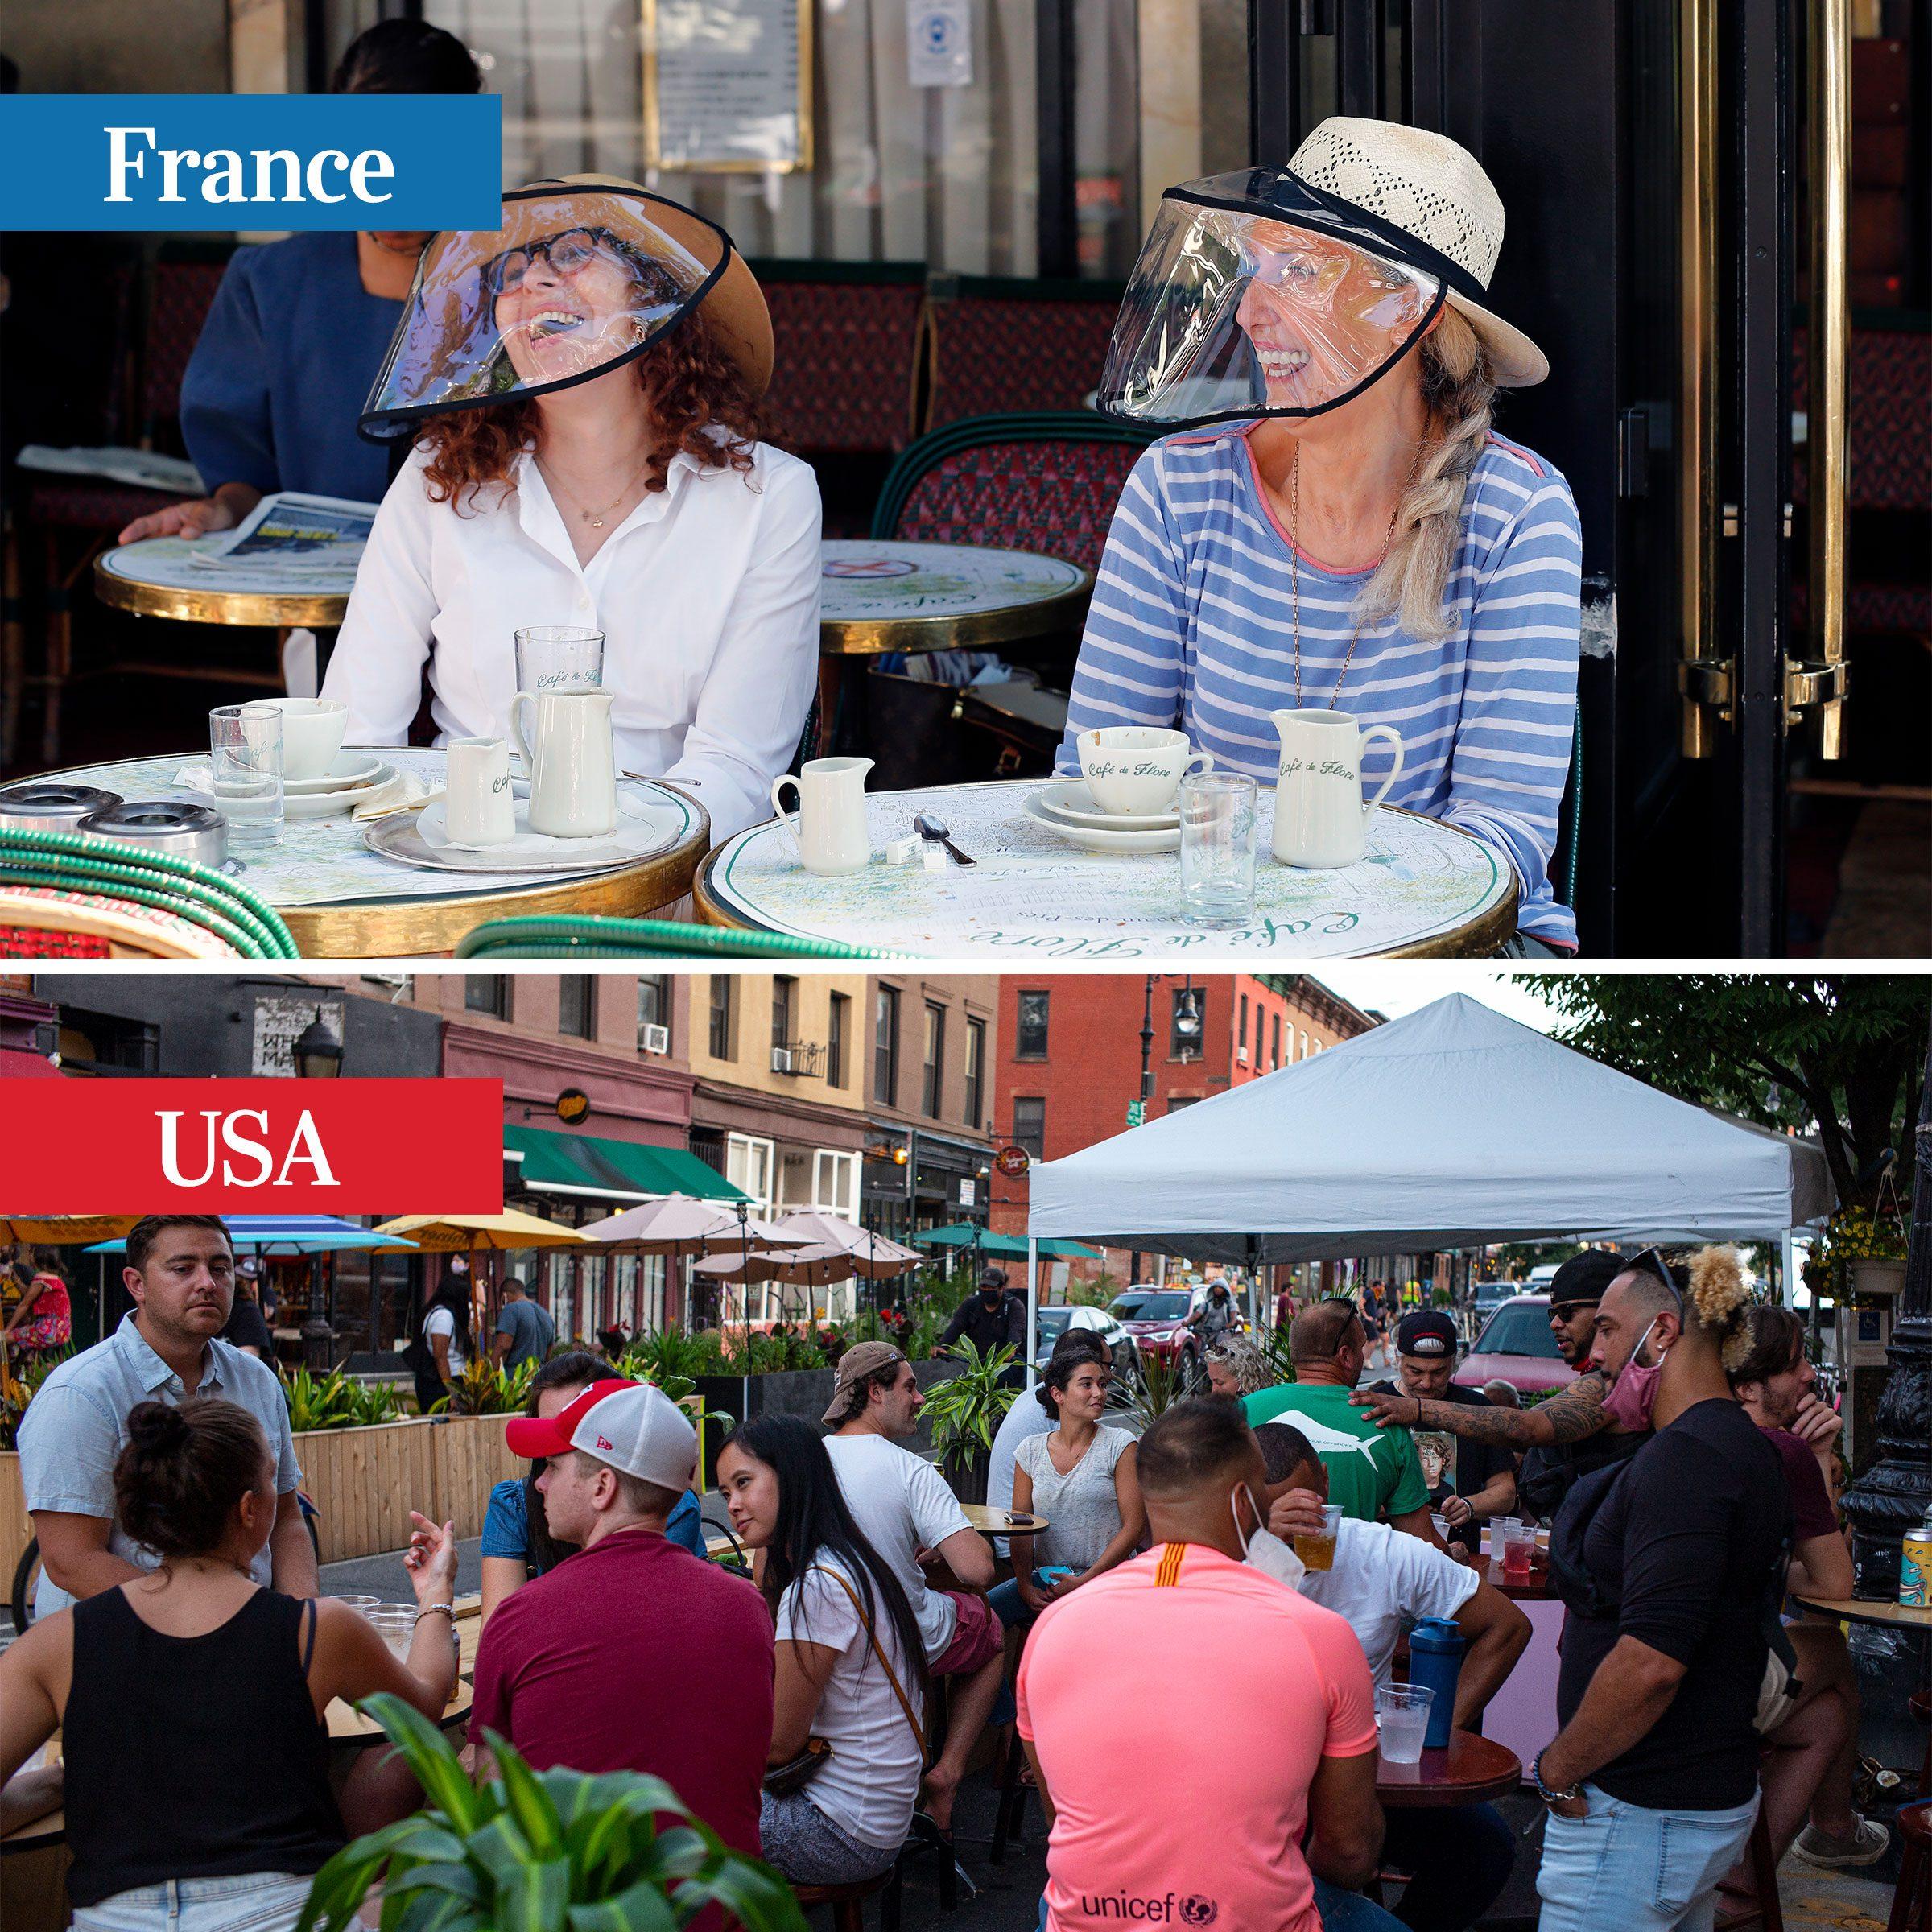 france vs usa - restaurants